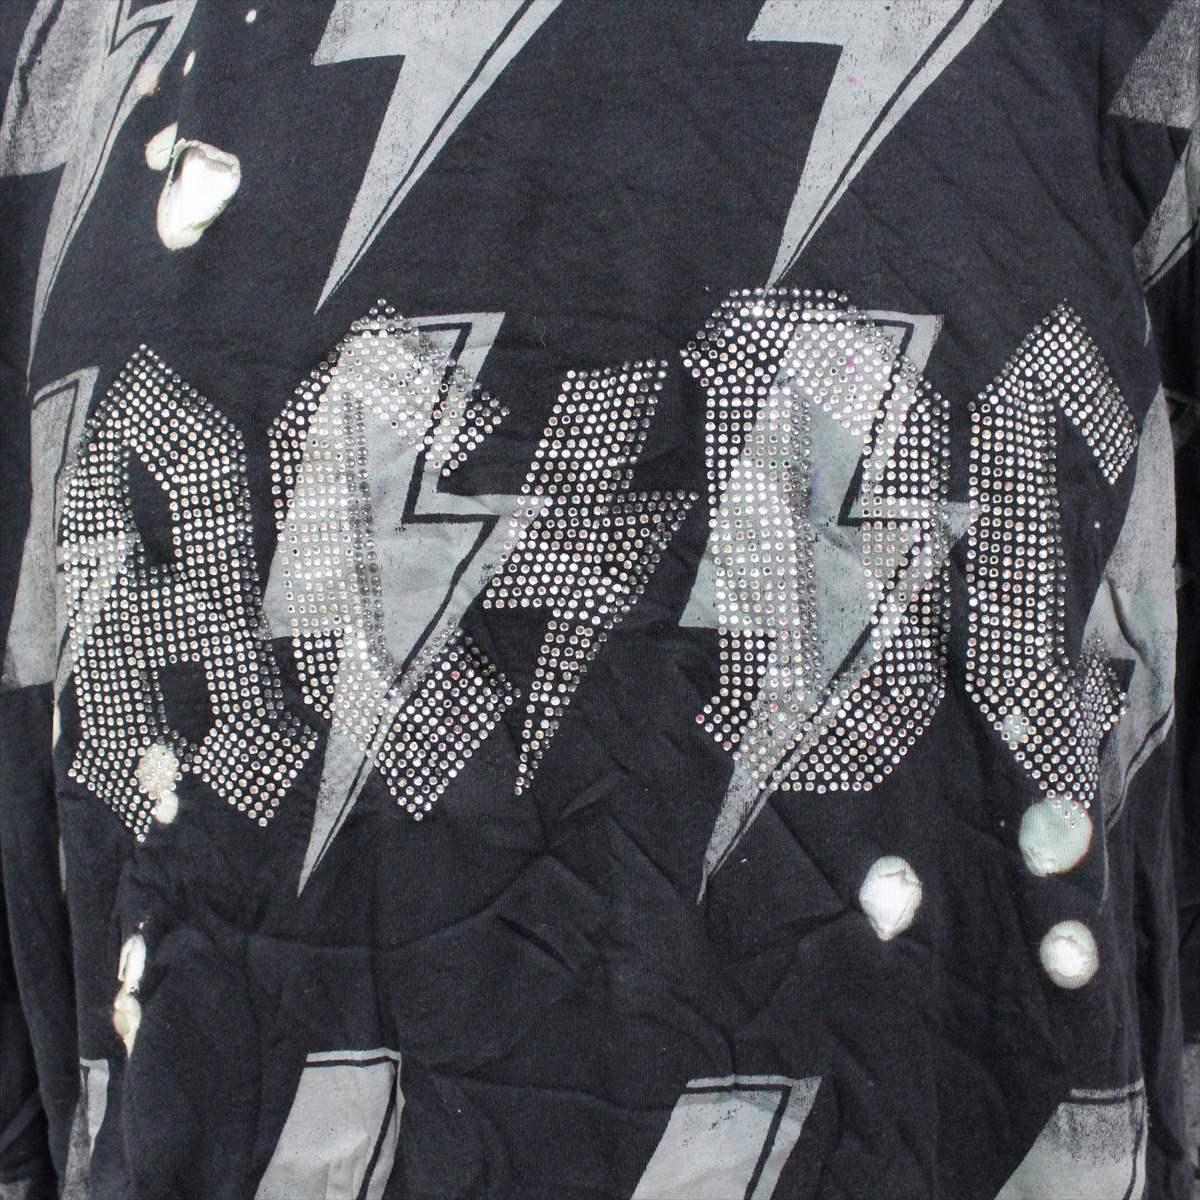 サディスティックアクション SADISTIC ACTION アイコニック ICONIC COTURE メンズ半袖Tシャツ AC/DC XLサイズ 新品_画像2